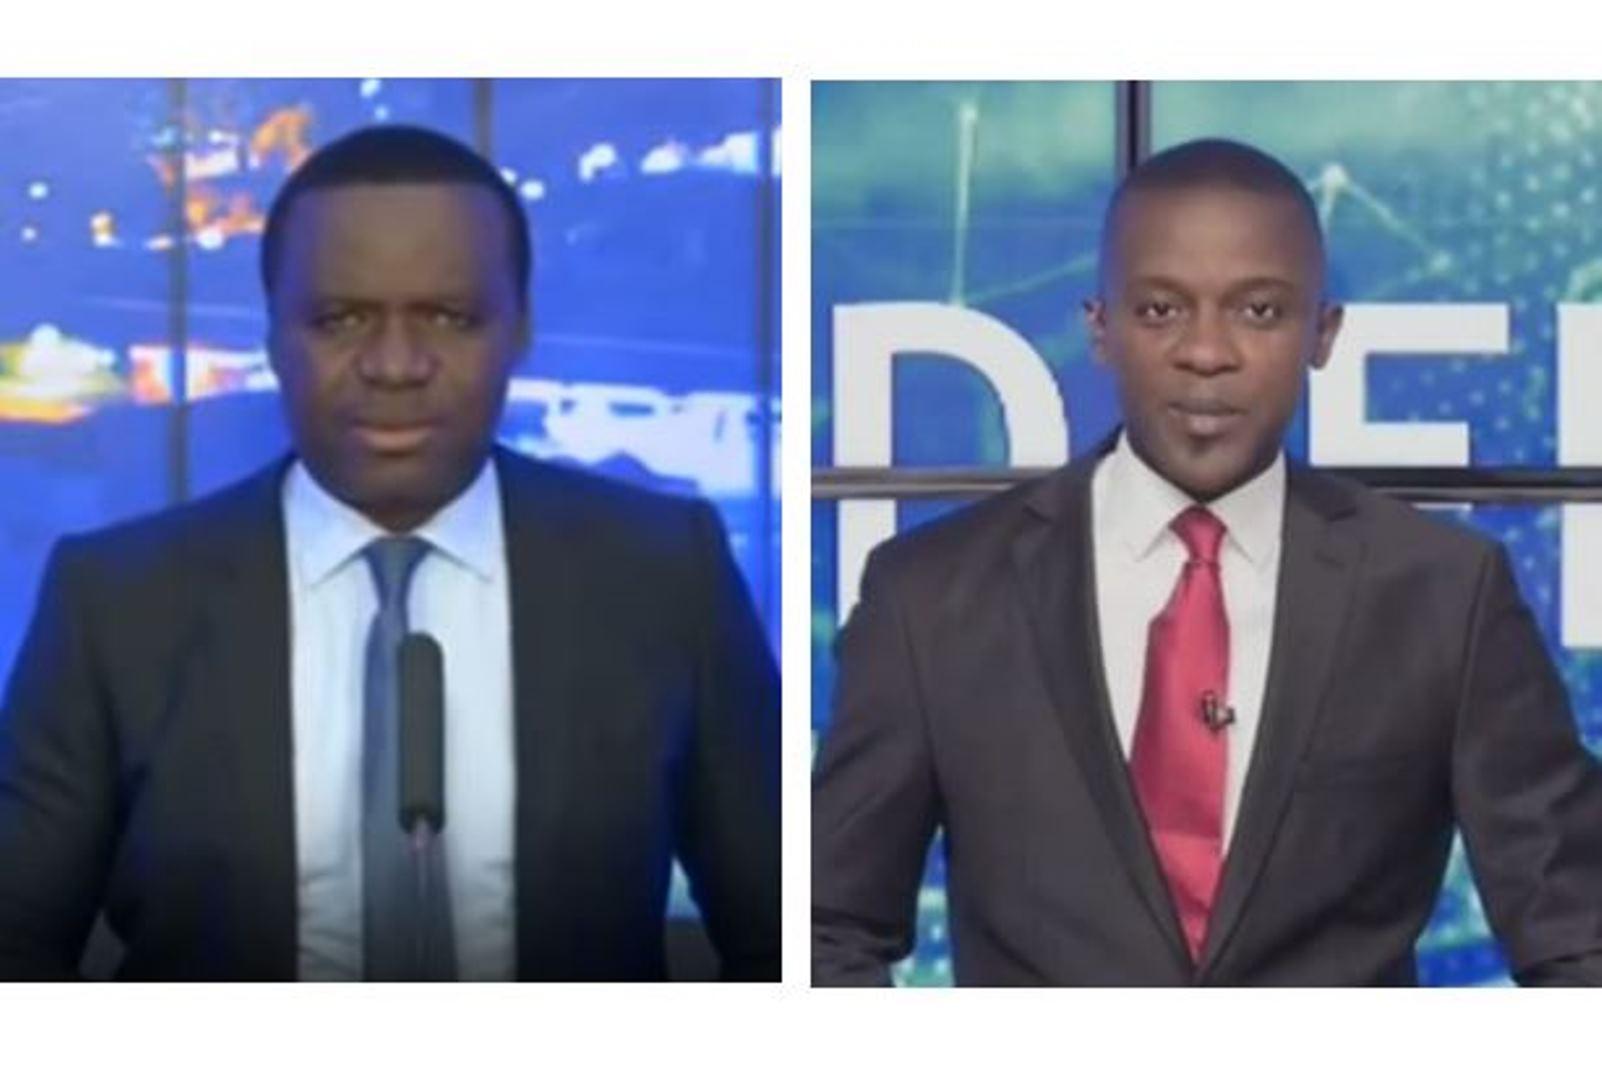 Quand des partis politiques rendent la vie difficile aux présentateurs de Vision 4 et Équinoxe Tv